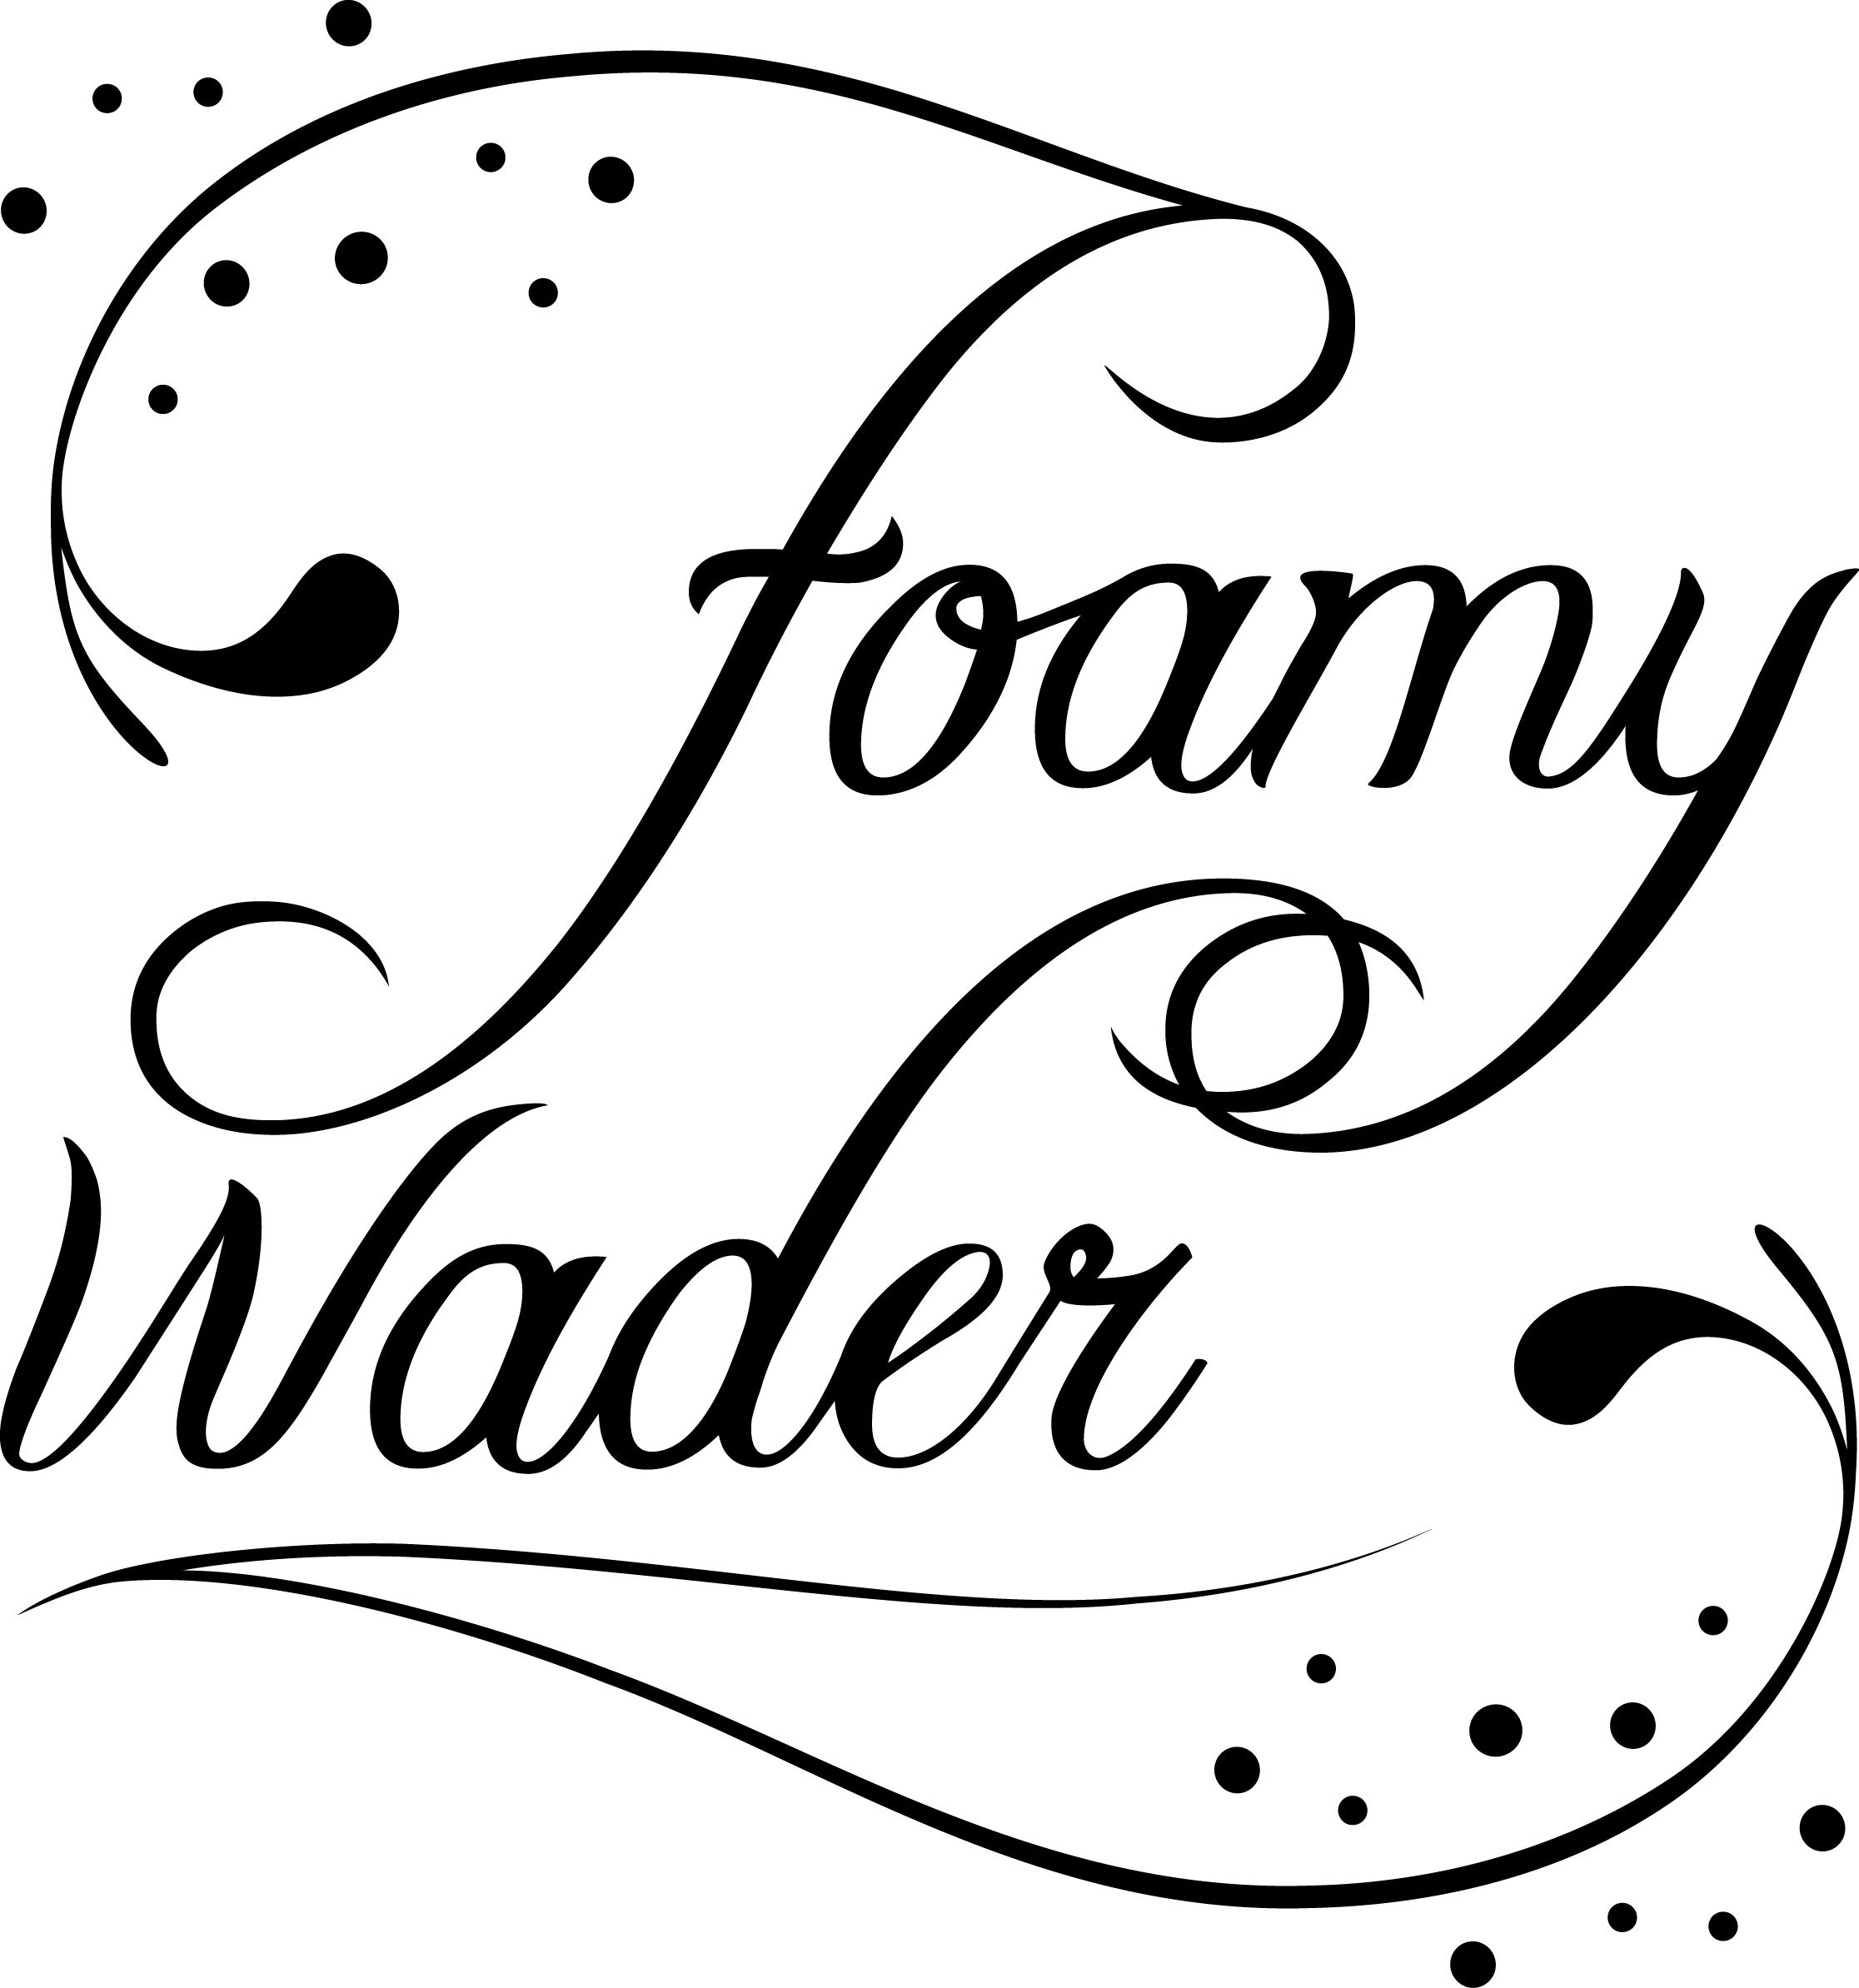 FoamyWader_Logo_Black.jpg